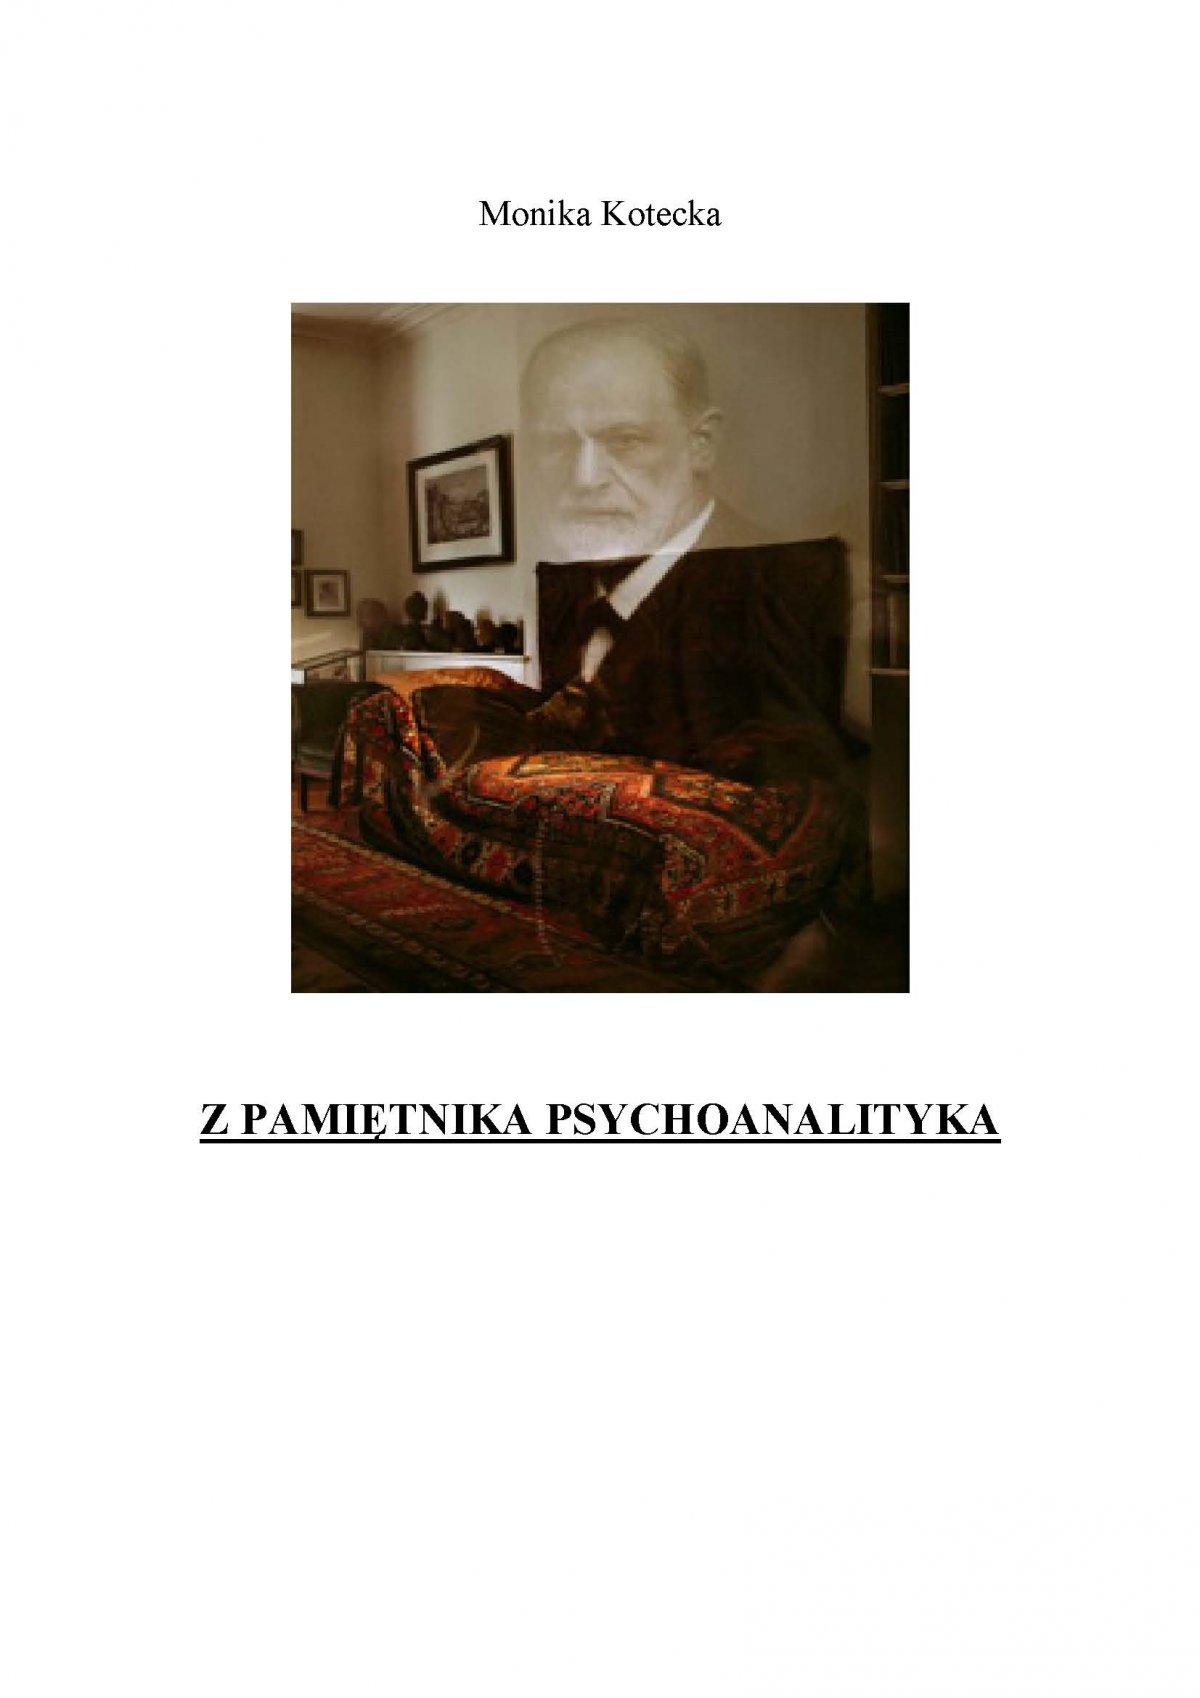 Z pamiętnika psychoanalityka - Ebook (Książka PDF) do pobrania w formacie PDF